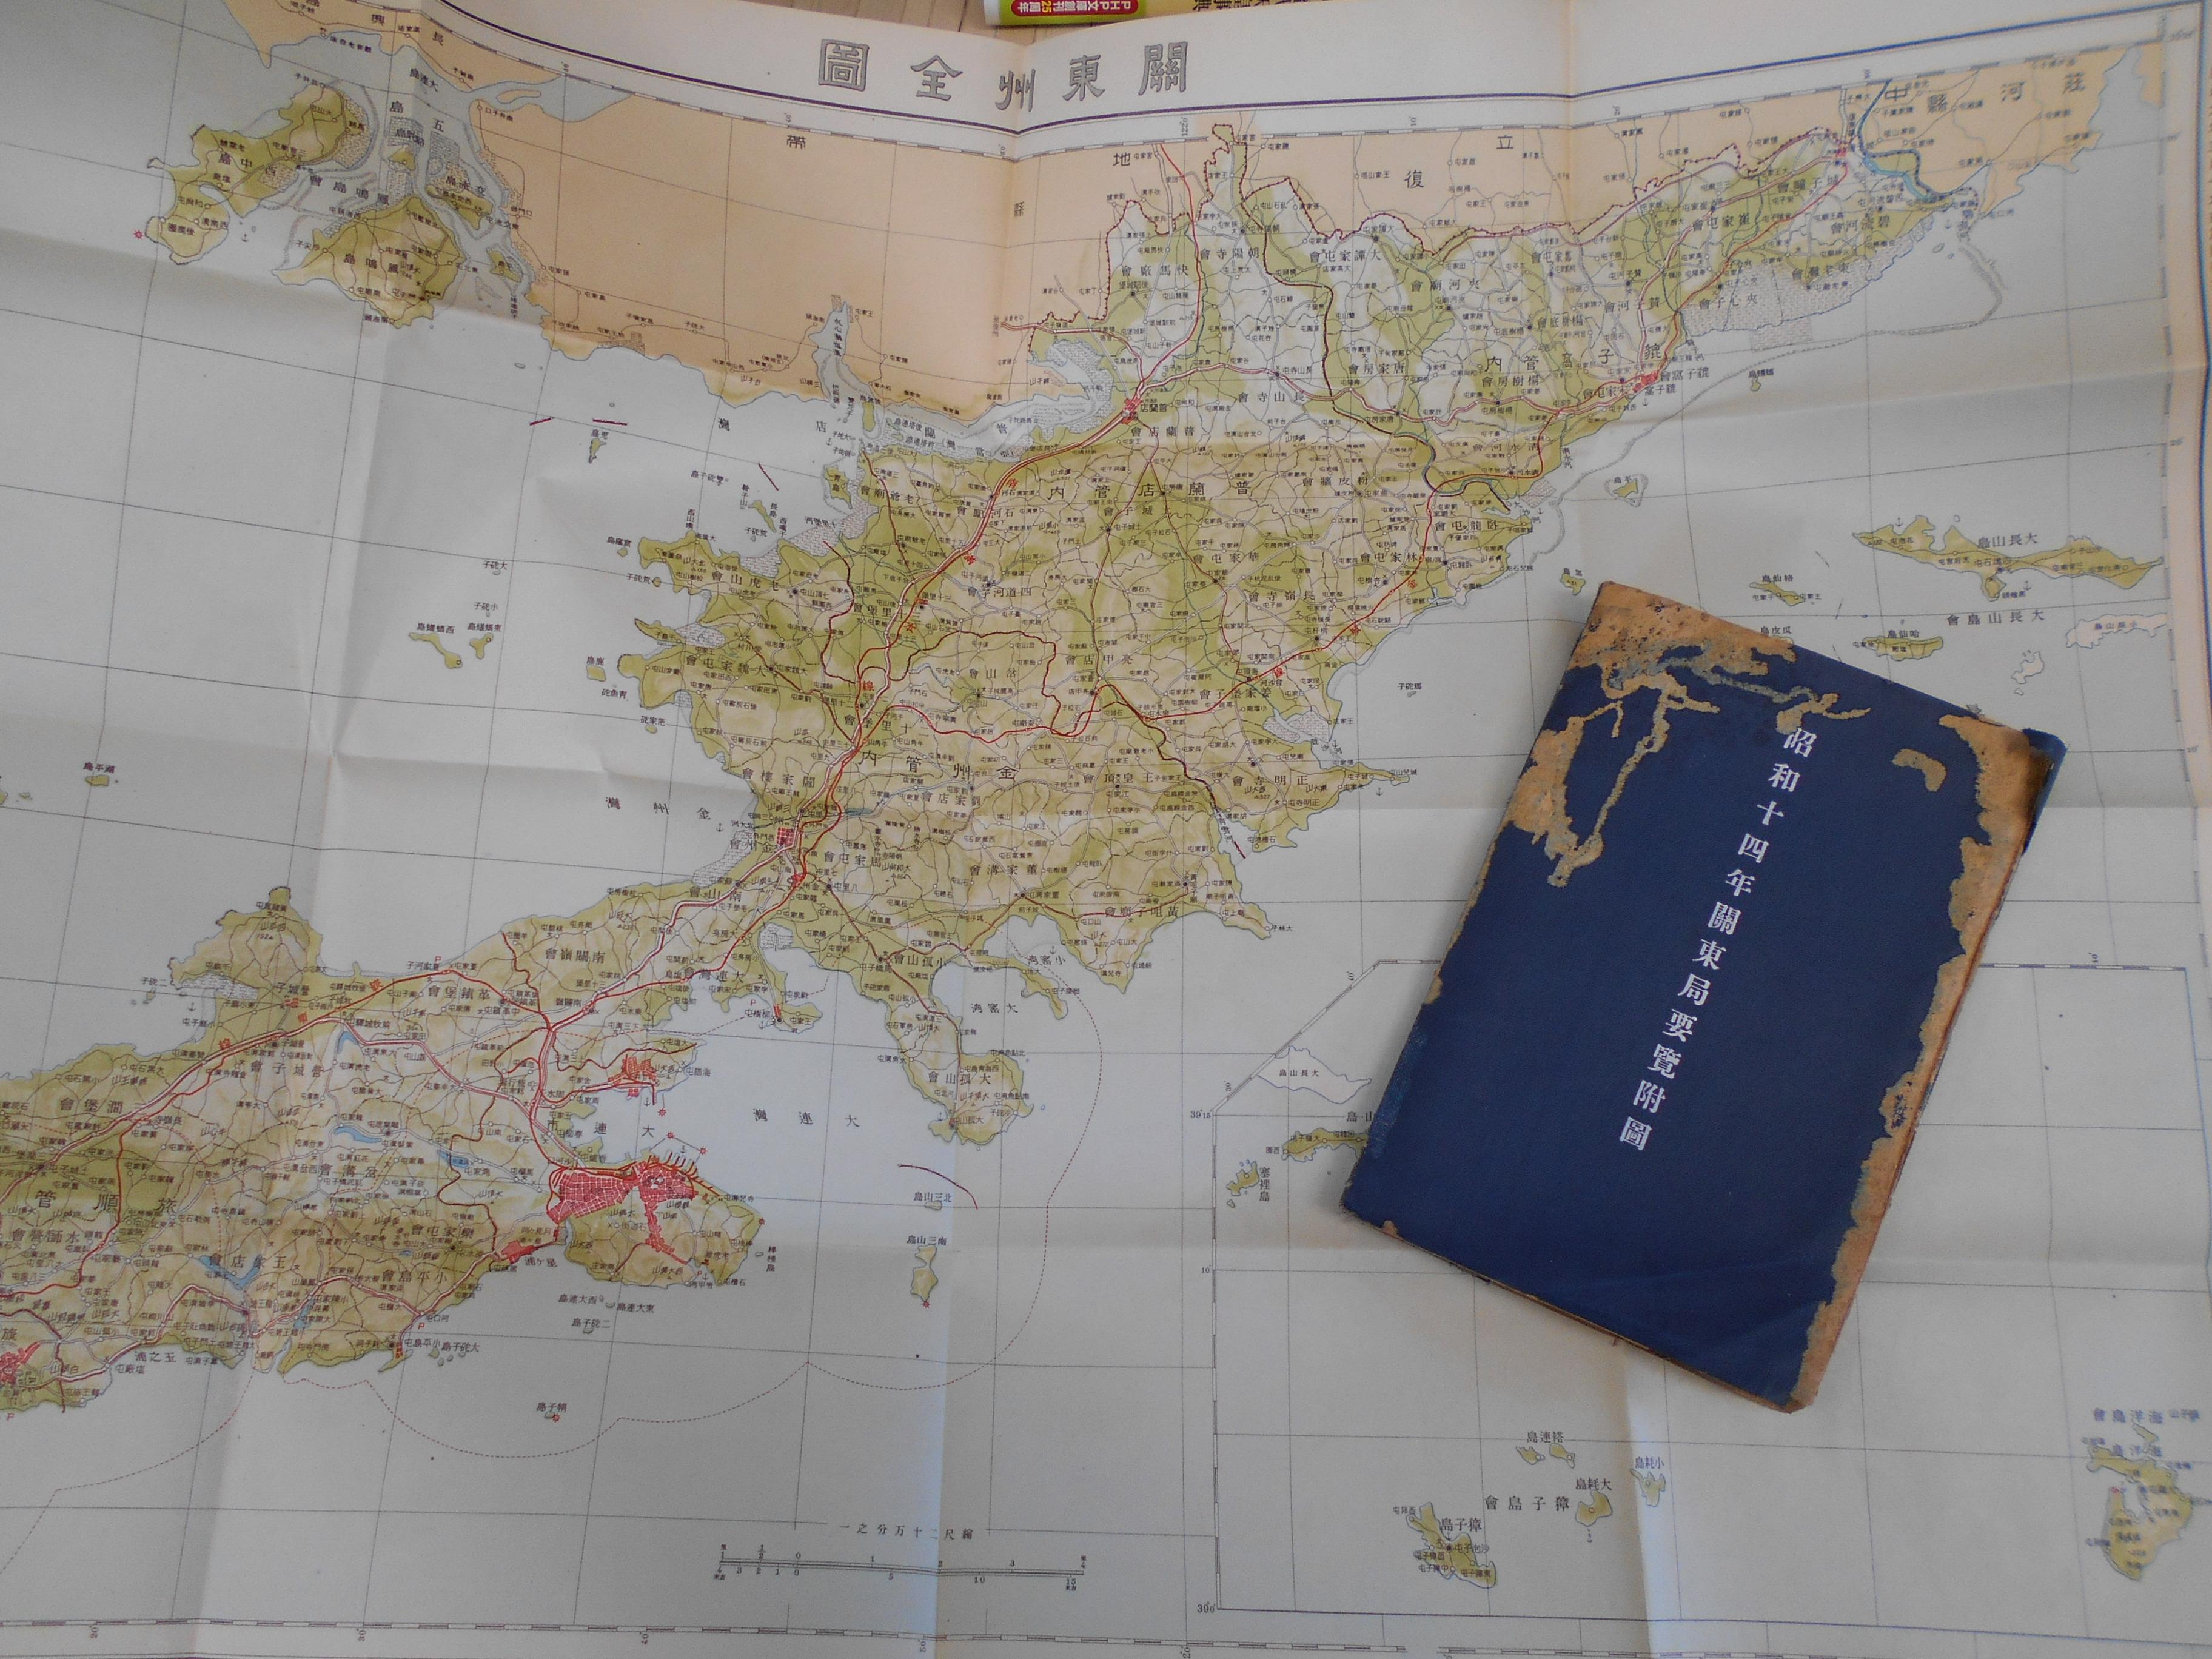 【昭和十四年關東局要覧付圖】古本・紙もの買取は小川書店へ!の画像